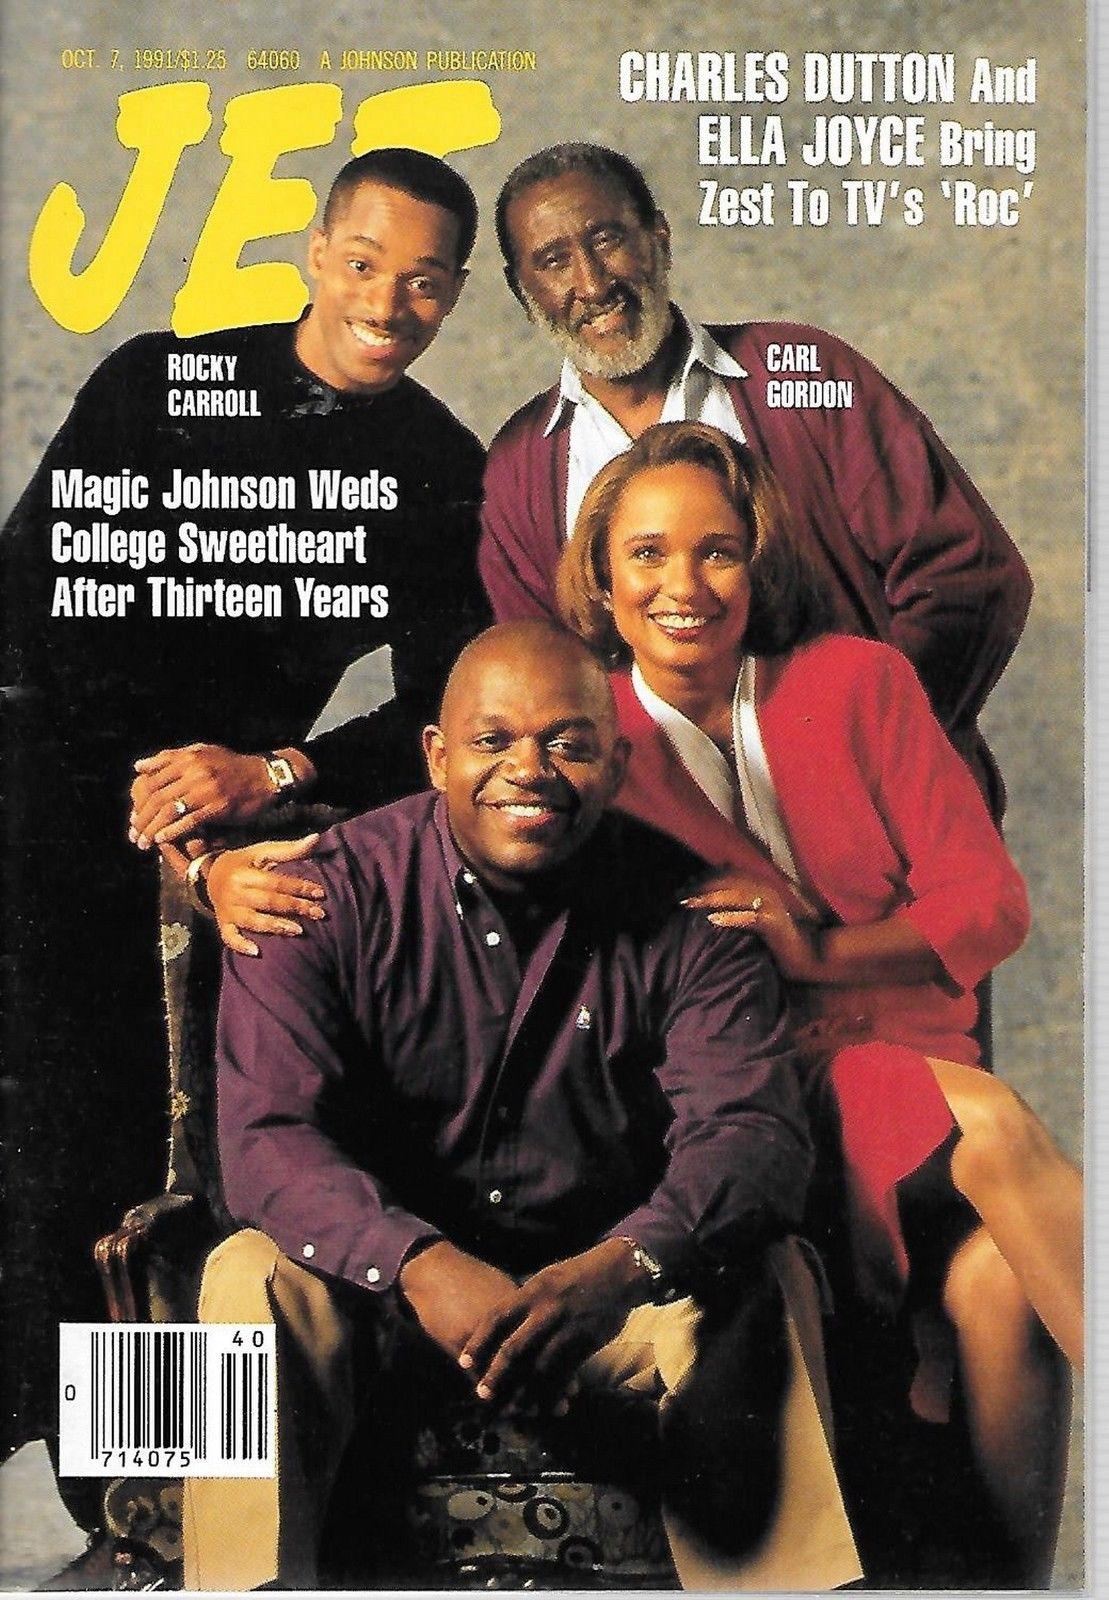 Jet_Magazine--10-7-1991-